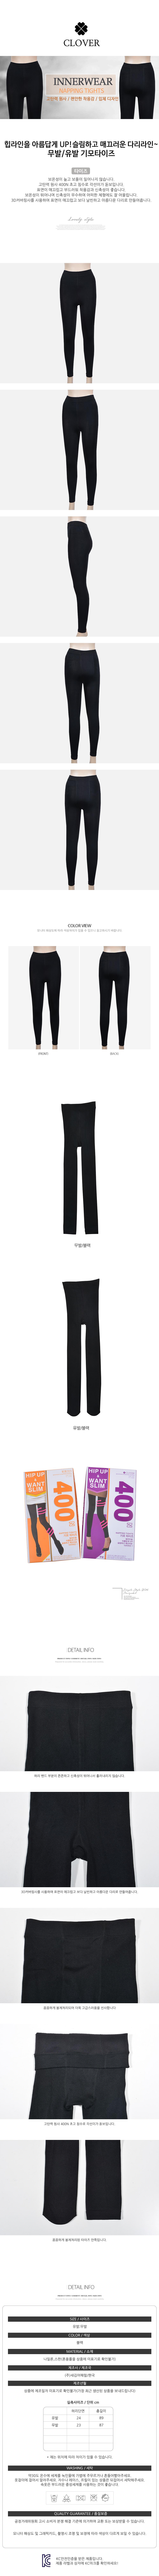 옵션:사이즈,무발,유발,색상,블랙/제품상세설명